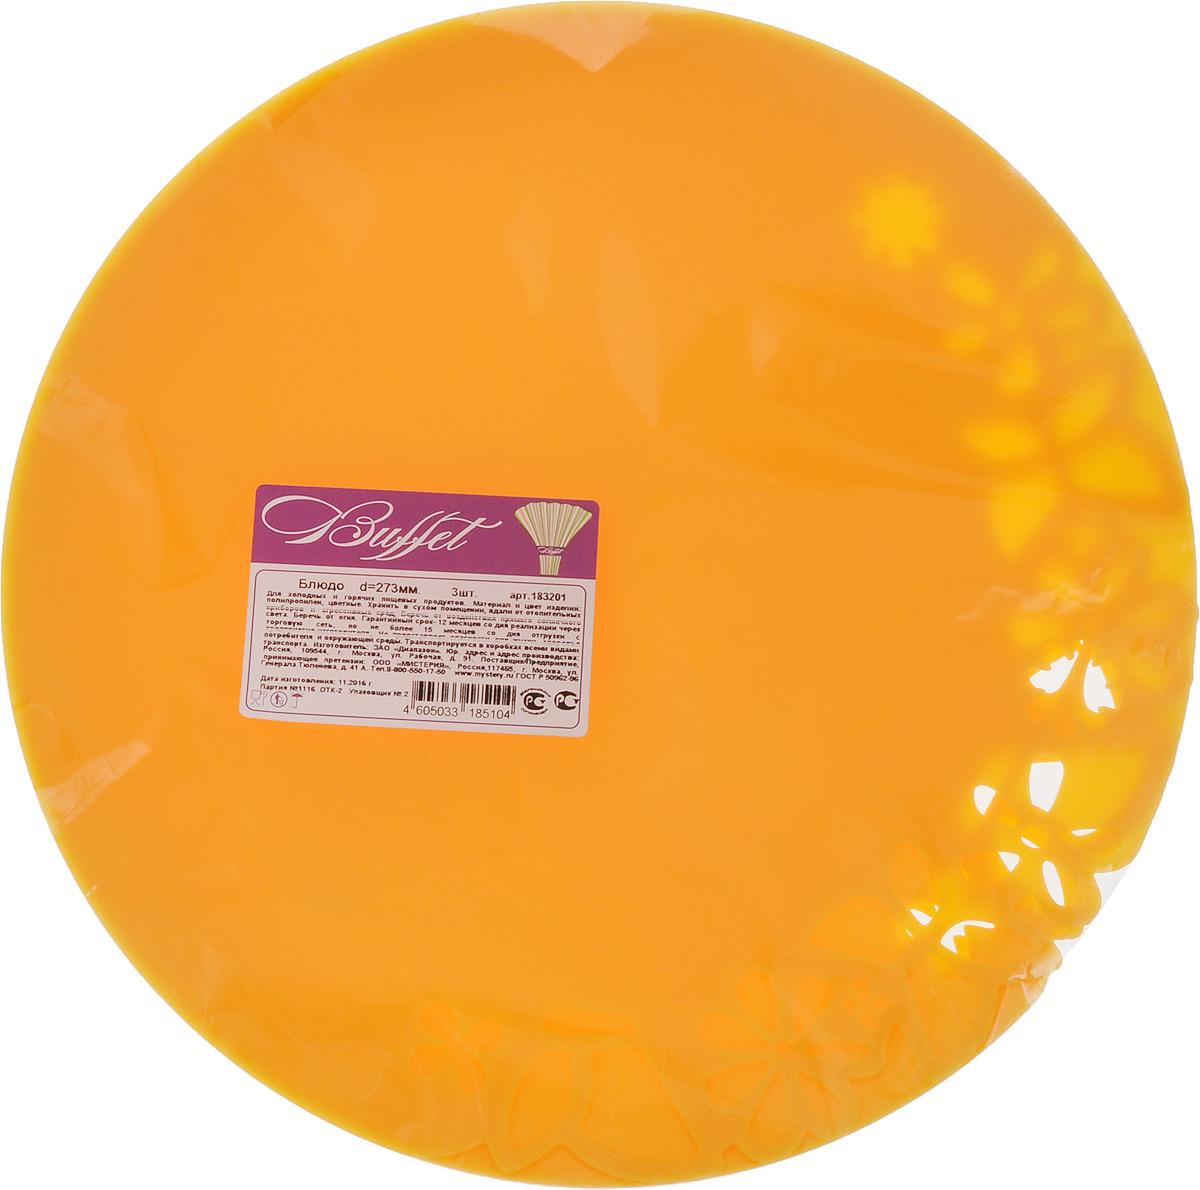 Набор тарелок Buffet, цвет: оранжевый, диаметр 27,3 см, 3 шт183201_желтыйНабор Buffet состоит из трех тарелок, оформленных декоративной перфорацией. Изделия, изготовленные из высококачественной полипропилена, сочетают в себе изысканный дизайн с максимальной функциональностью. Тарелки предназначены для холодных и горячих (до +70°С) продуктов. Такие тарелки незаменимы в поездках на природу и на пикниках. Диаметр тарелки: 27,3 см. Высота стенки: 1,5 см.